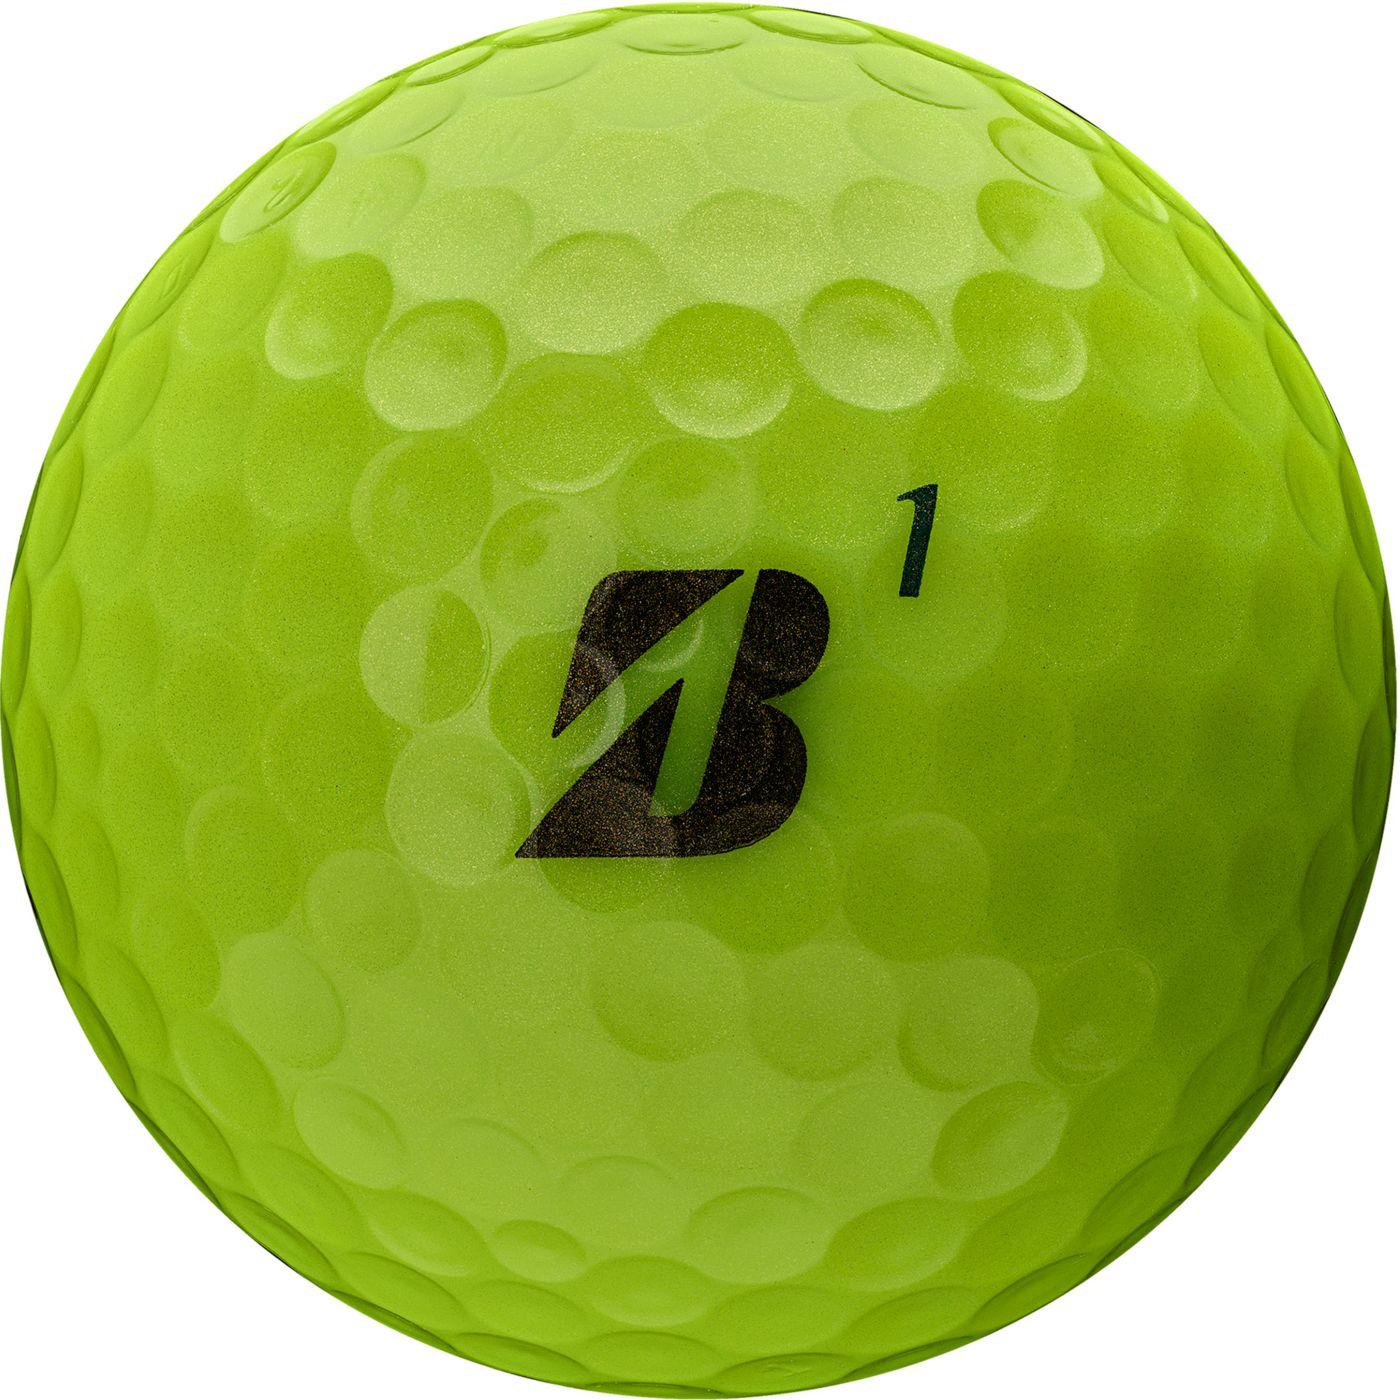 Bridgestone 2020 TOUR B RXS Optic Yellow Personalized Golf Balls